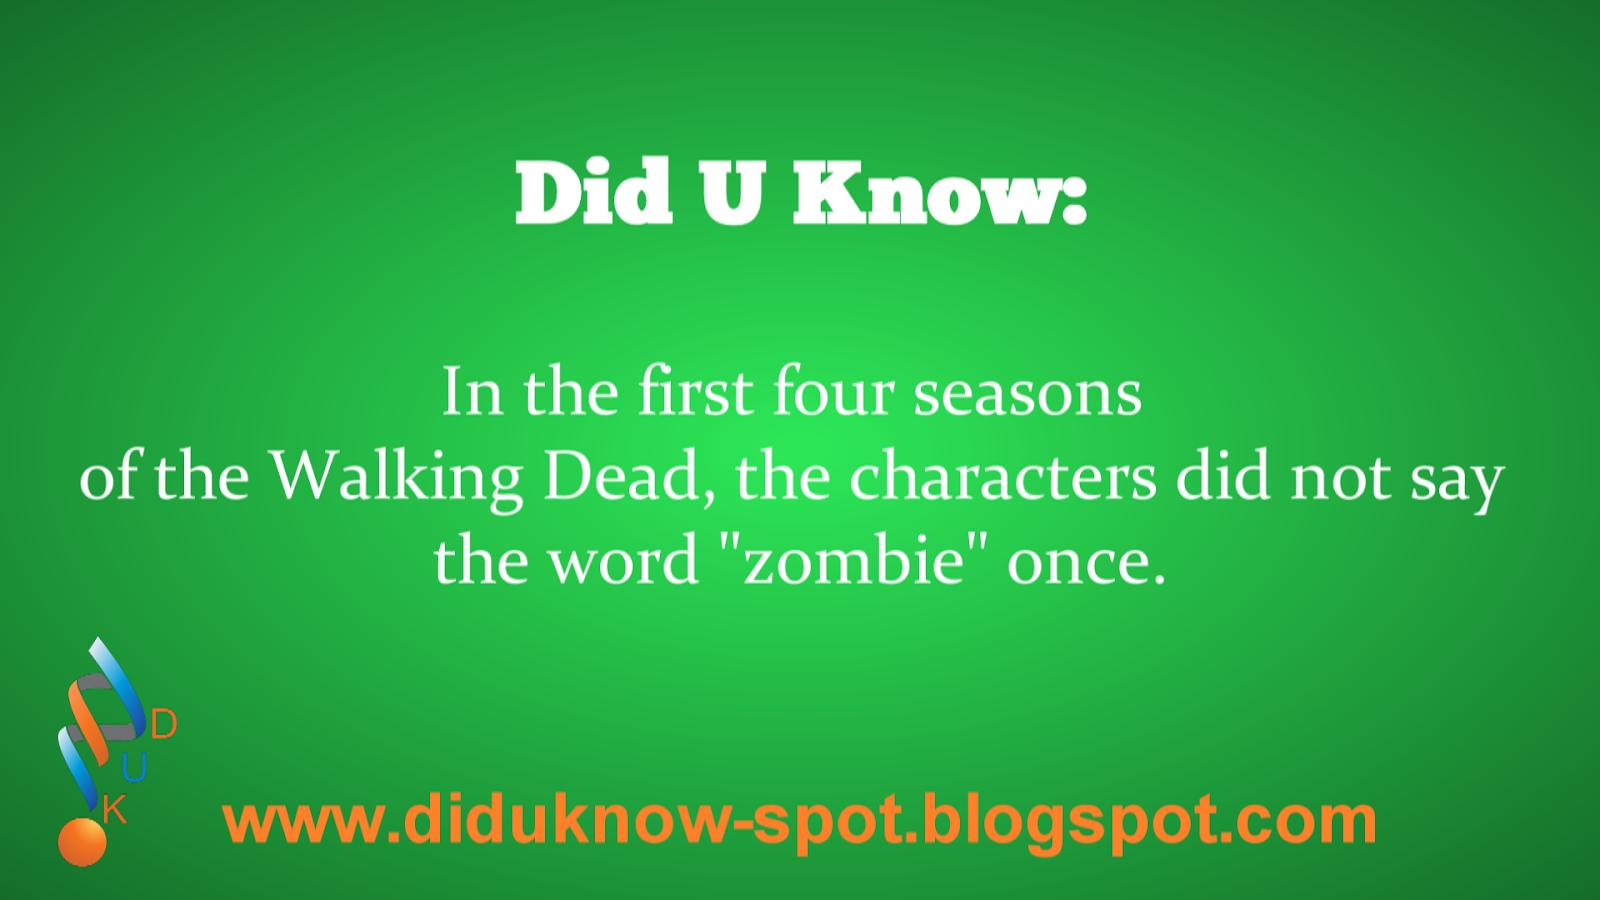 The Walking Dead Fact